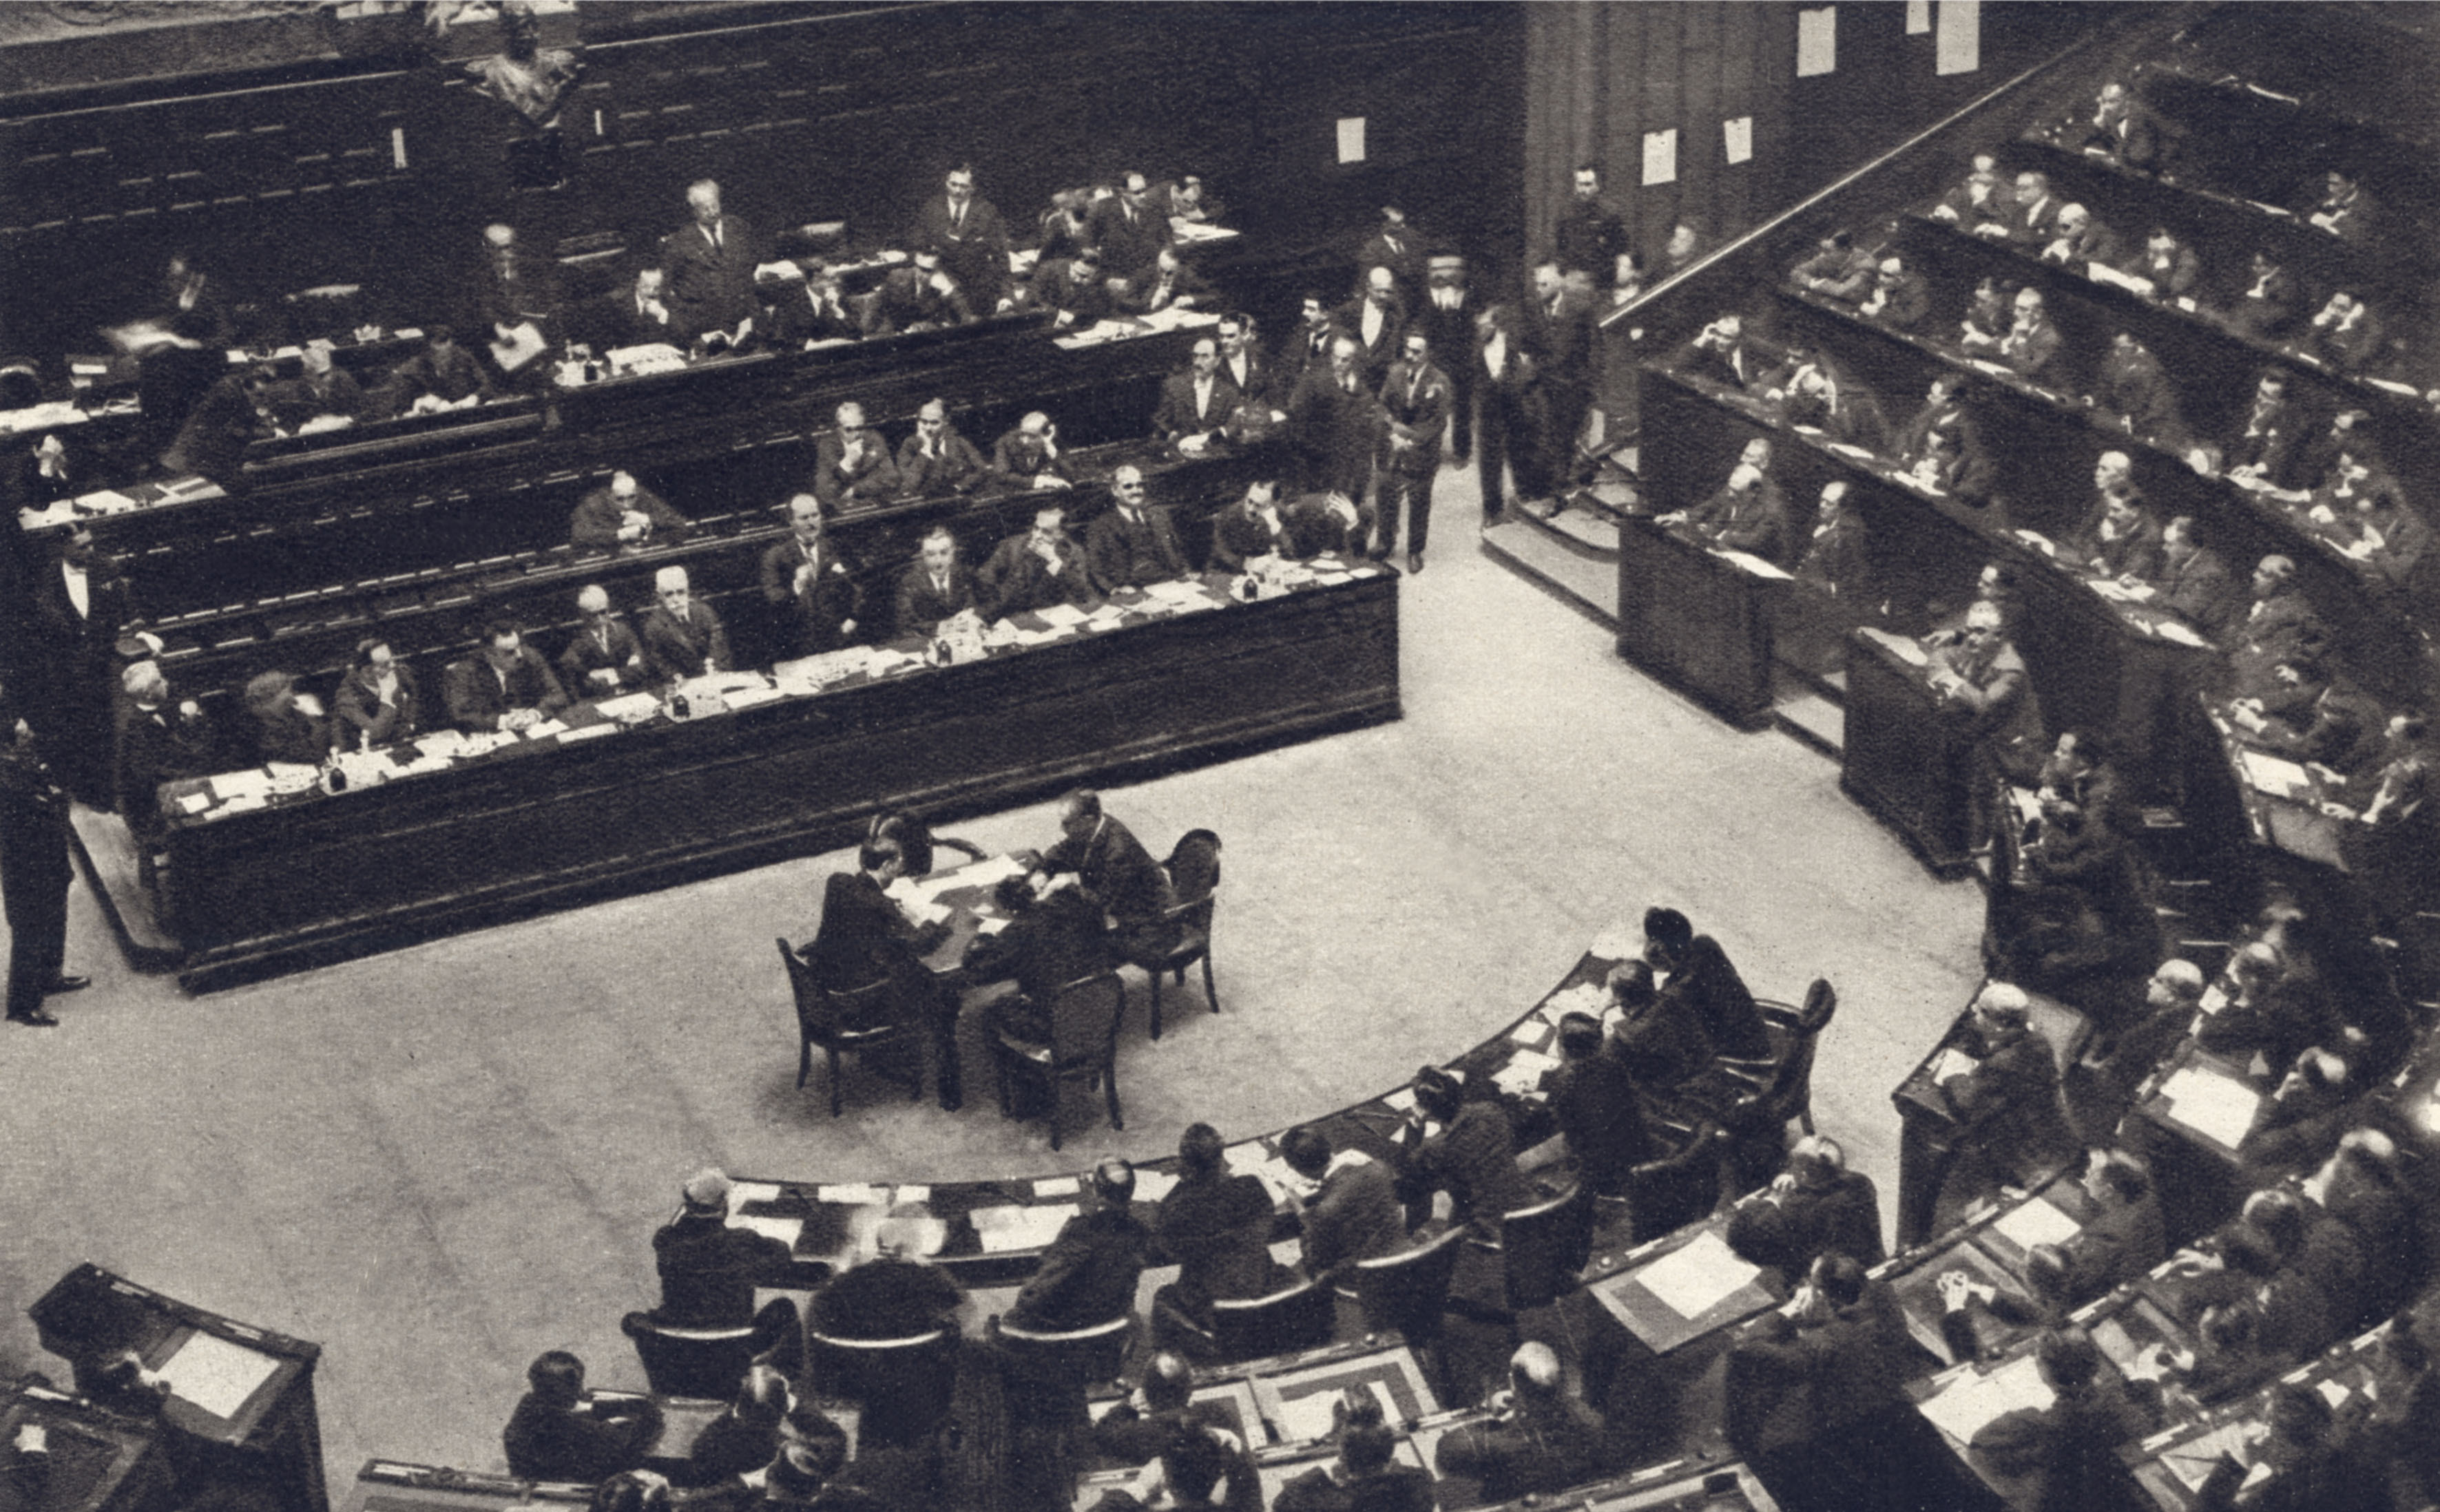 Discorso Camera Mussolini : Scritti e discorsi di benito mussolini volumi indice hoepli